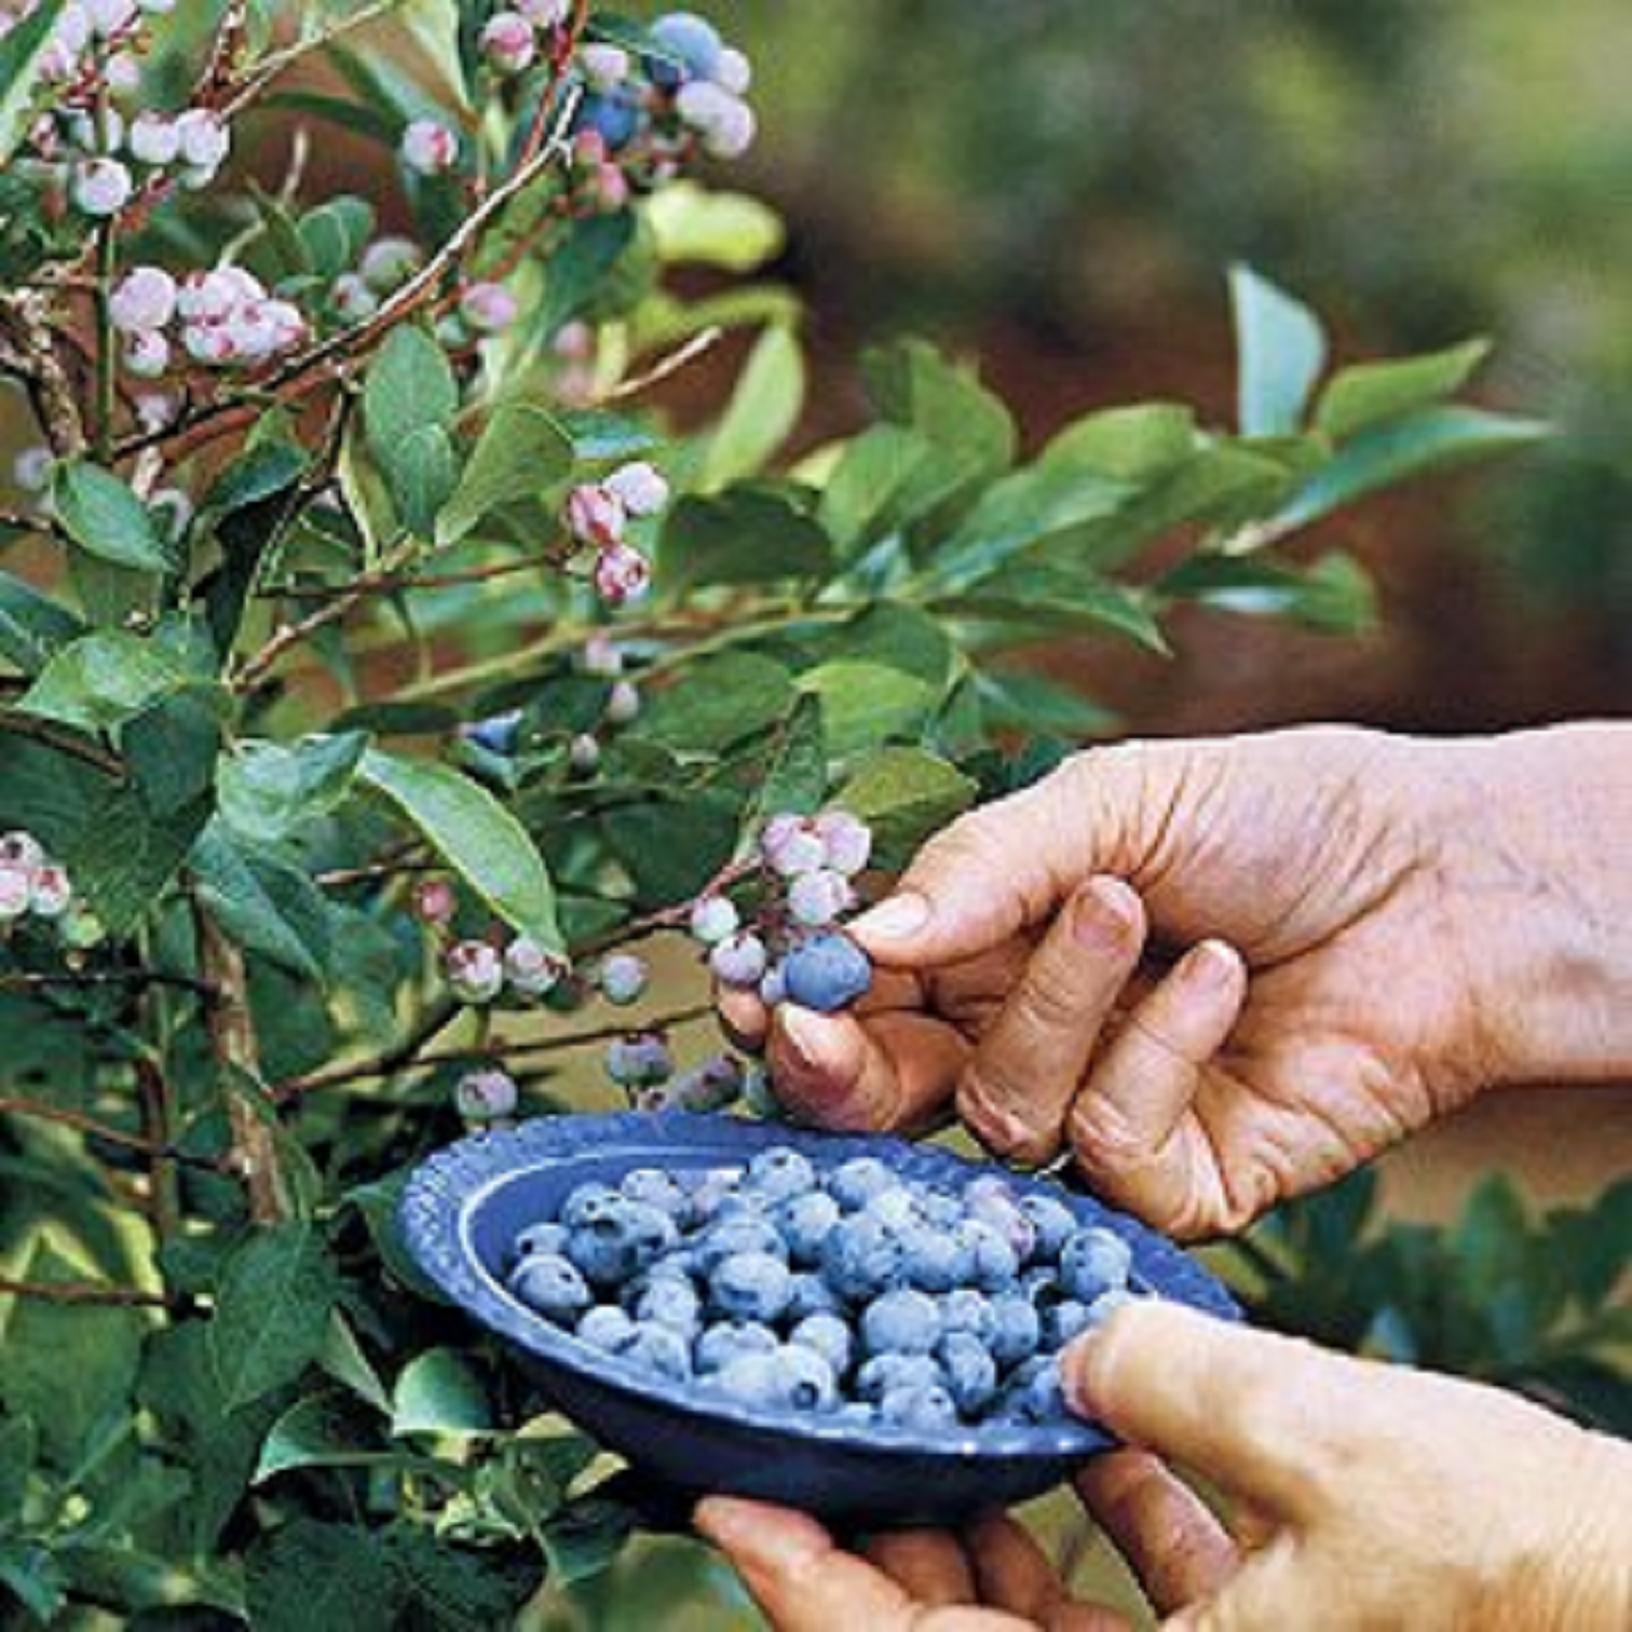 Φυτεύουμε φροῦτα τοῦ δάσους στόν ἐξώστη μας;1